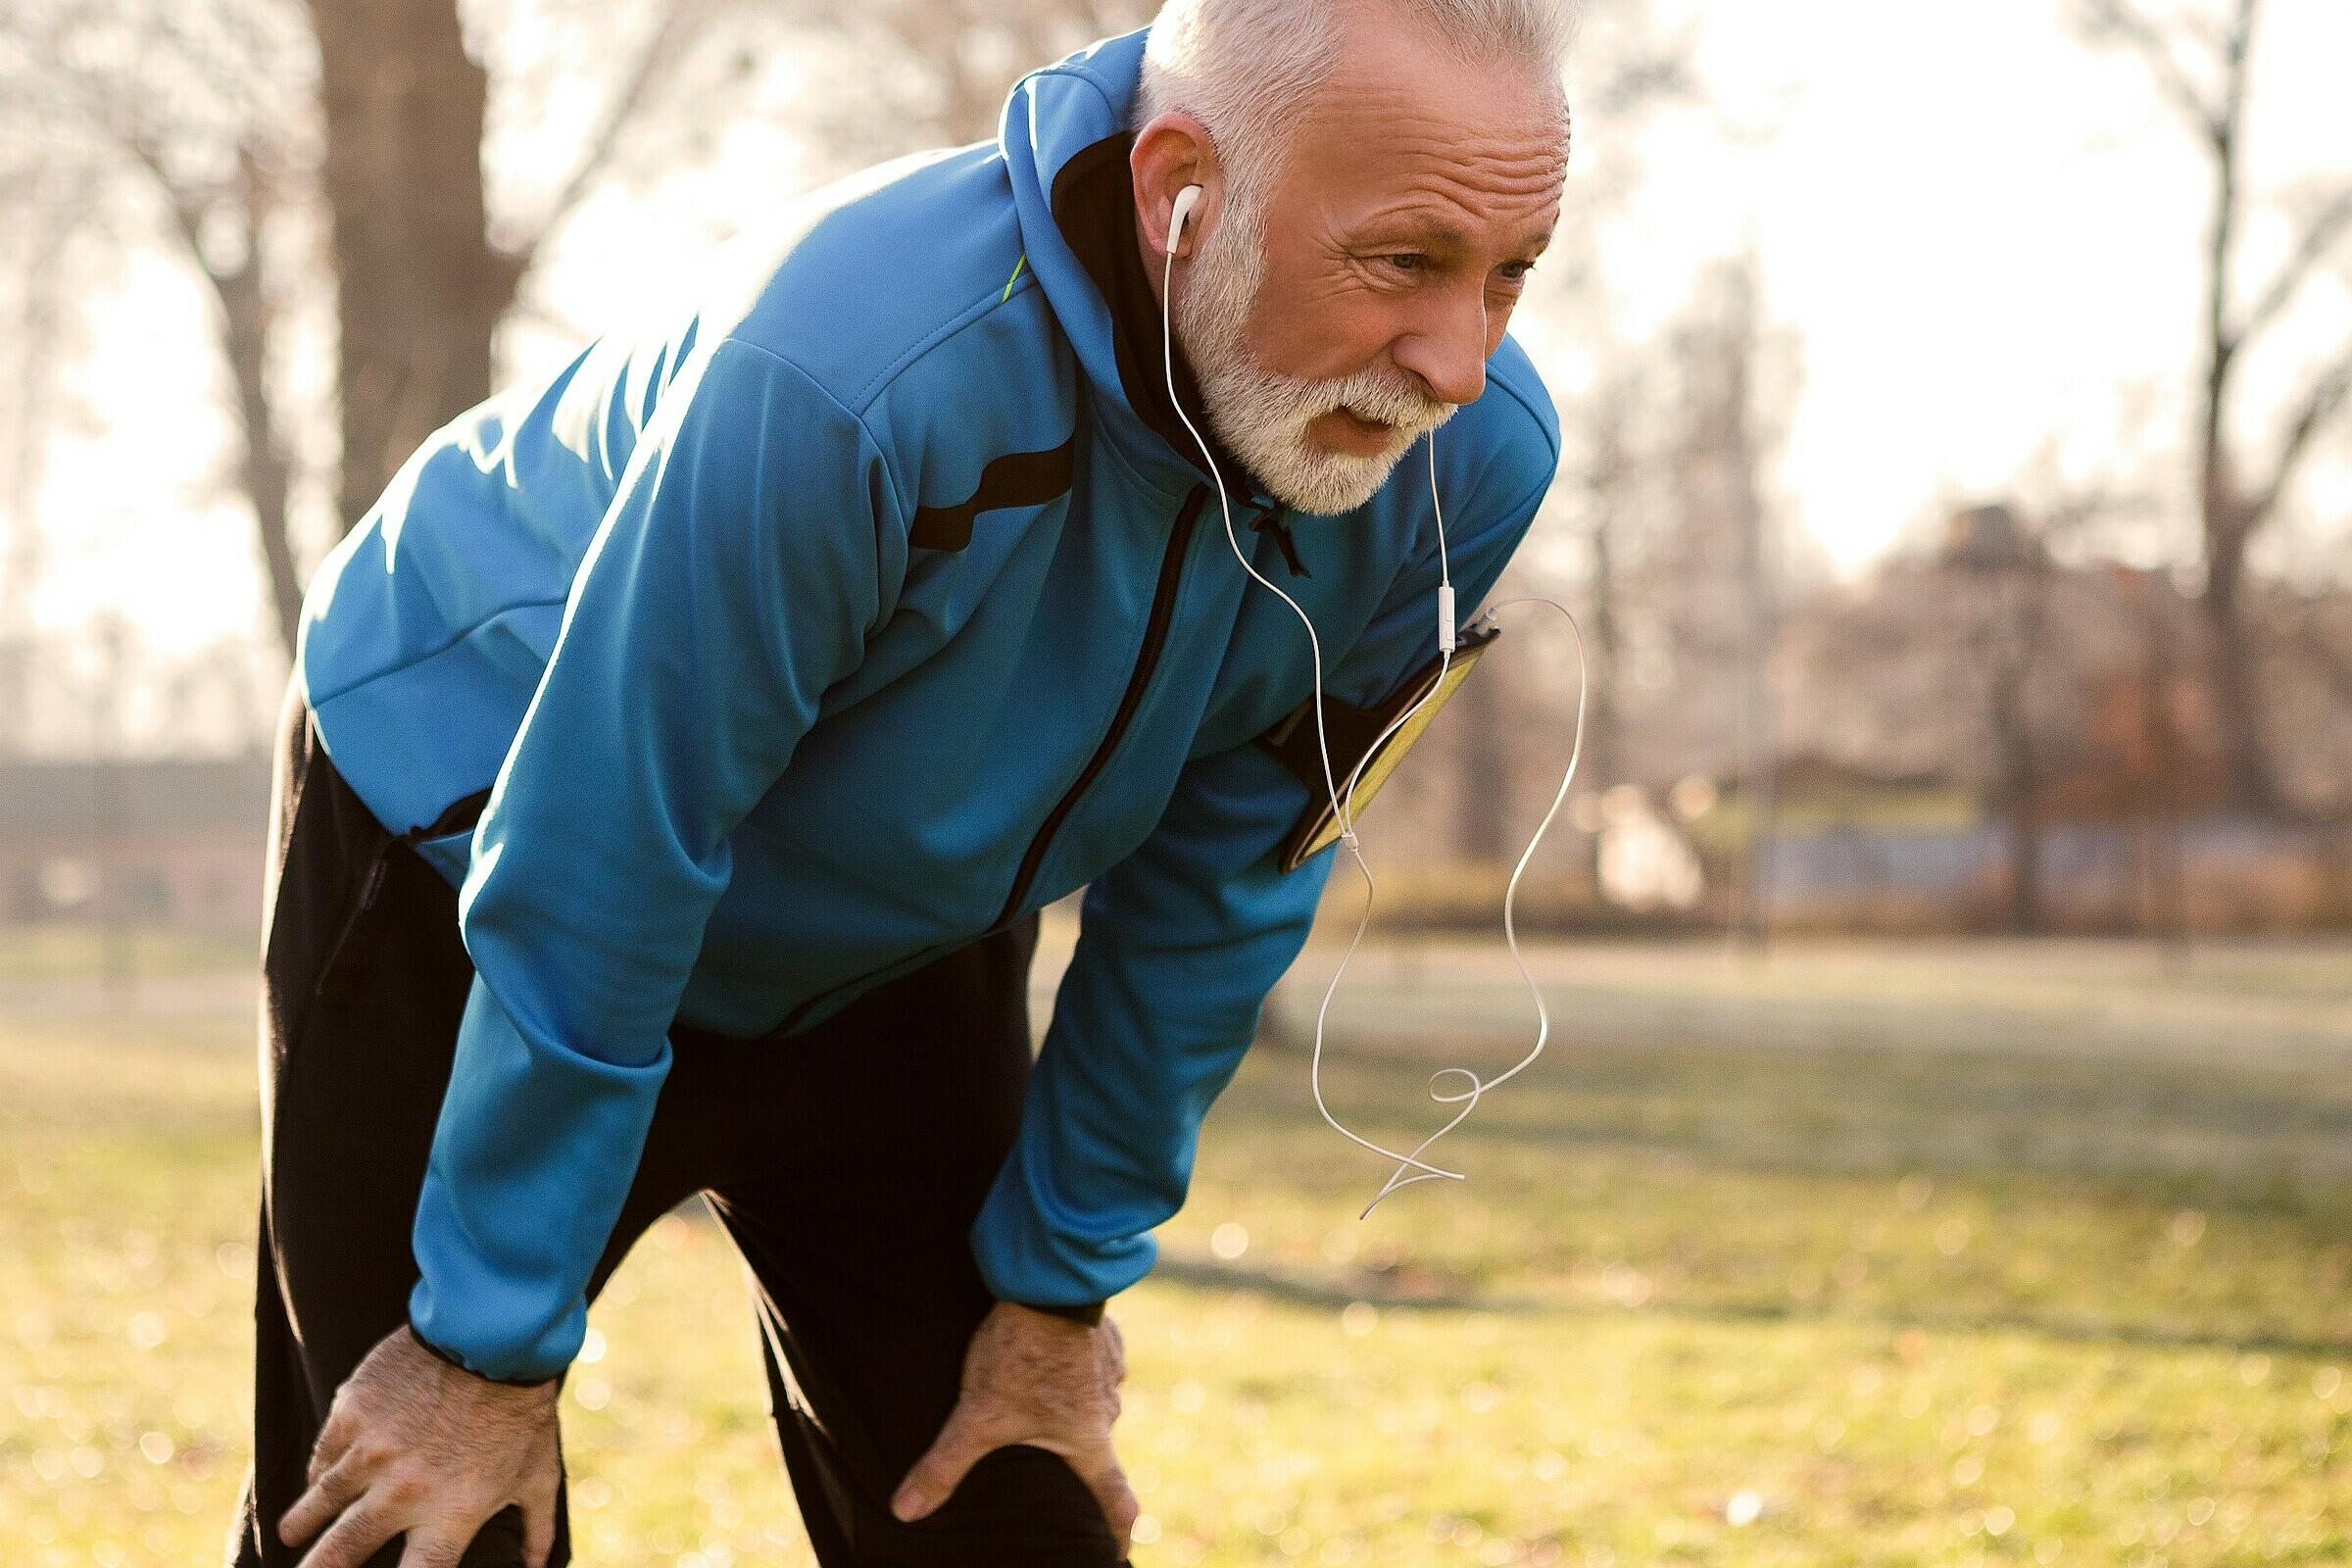 Rối loạn chức năng dây thanh âm là tình trạng nhiều vận động viên, người chơi thể thao gặp phải. Ảnh: Healthgrades.